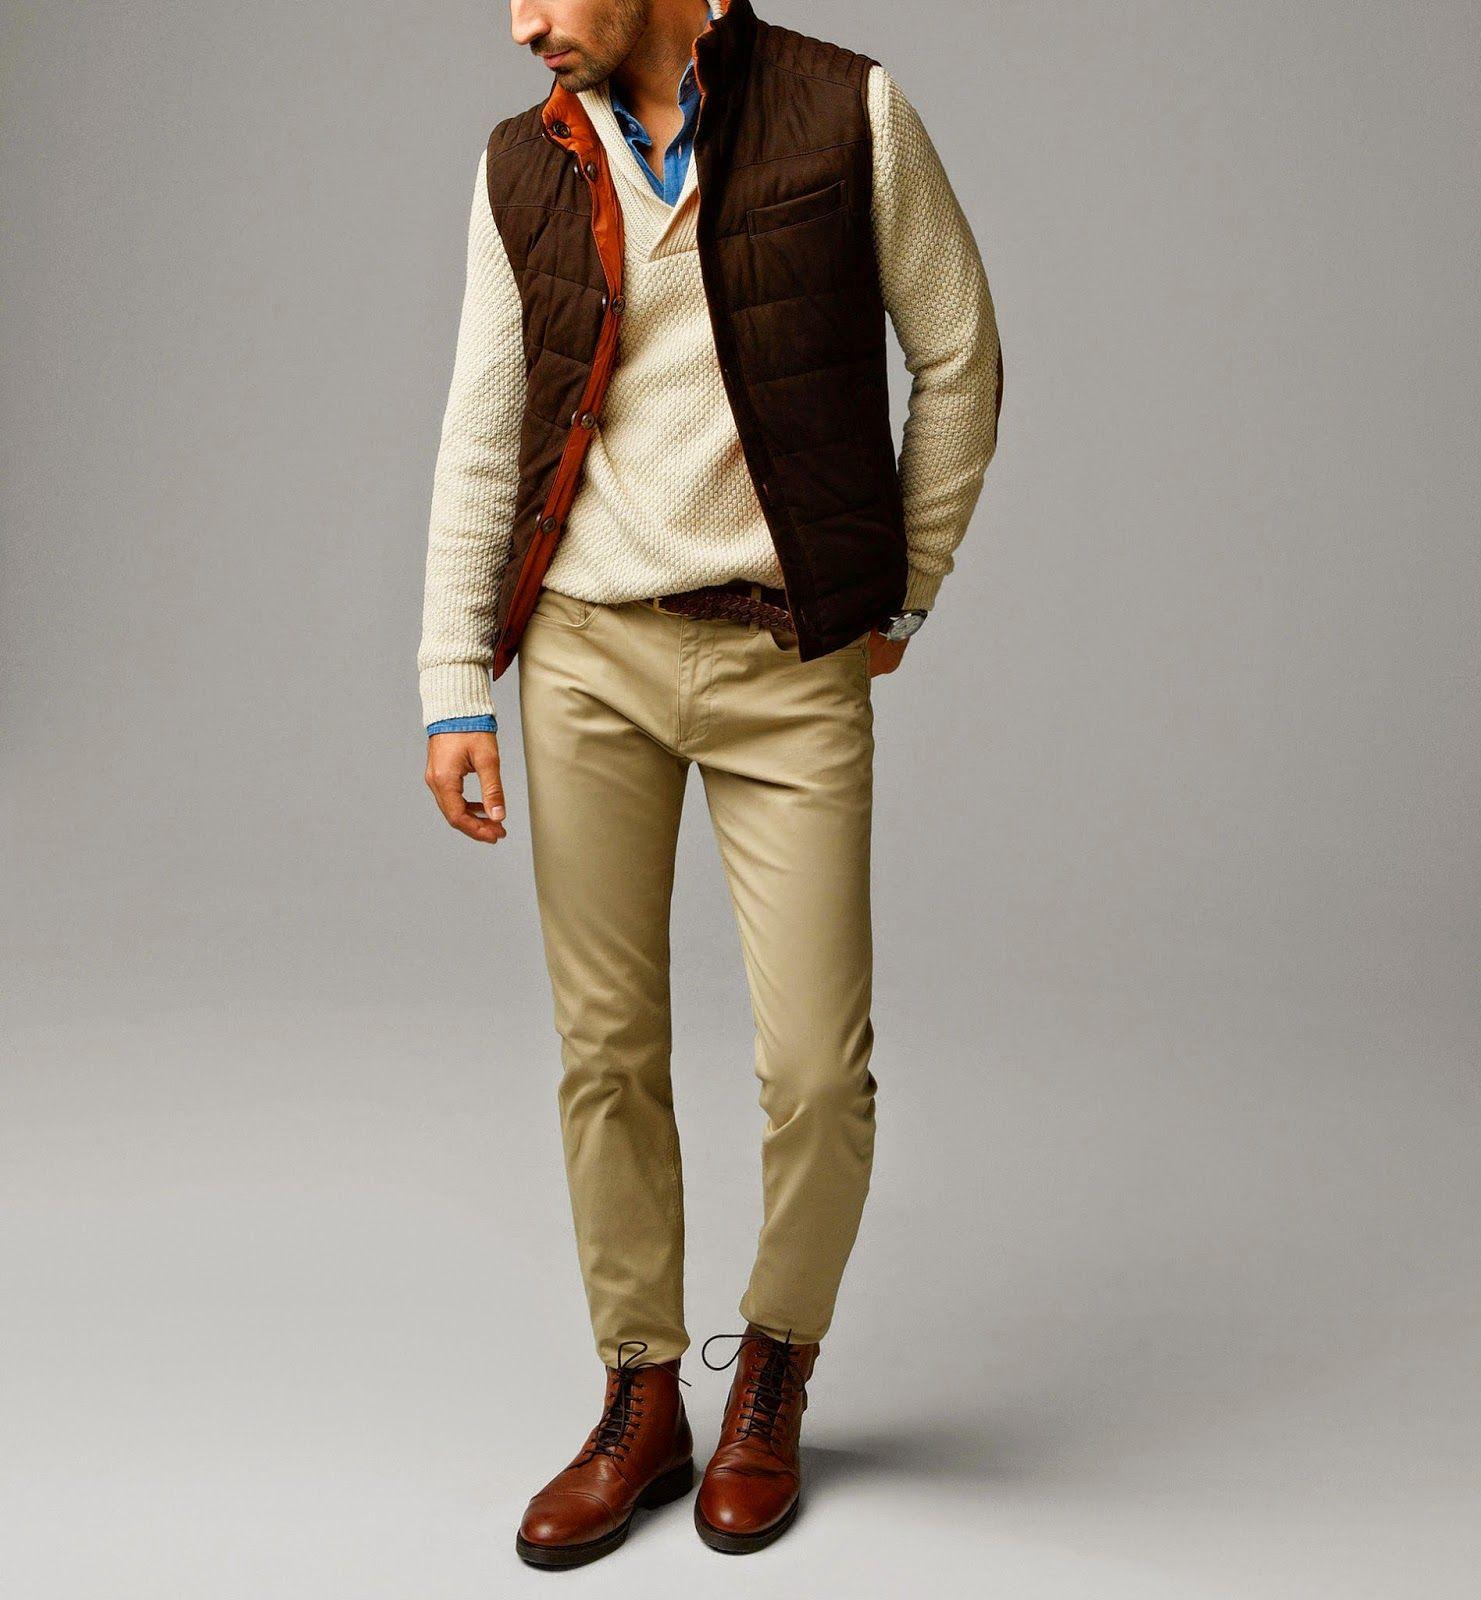 Cultures Hommes  Gilet réversible Massimo Dutti   New men style ... 88837fb527b